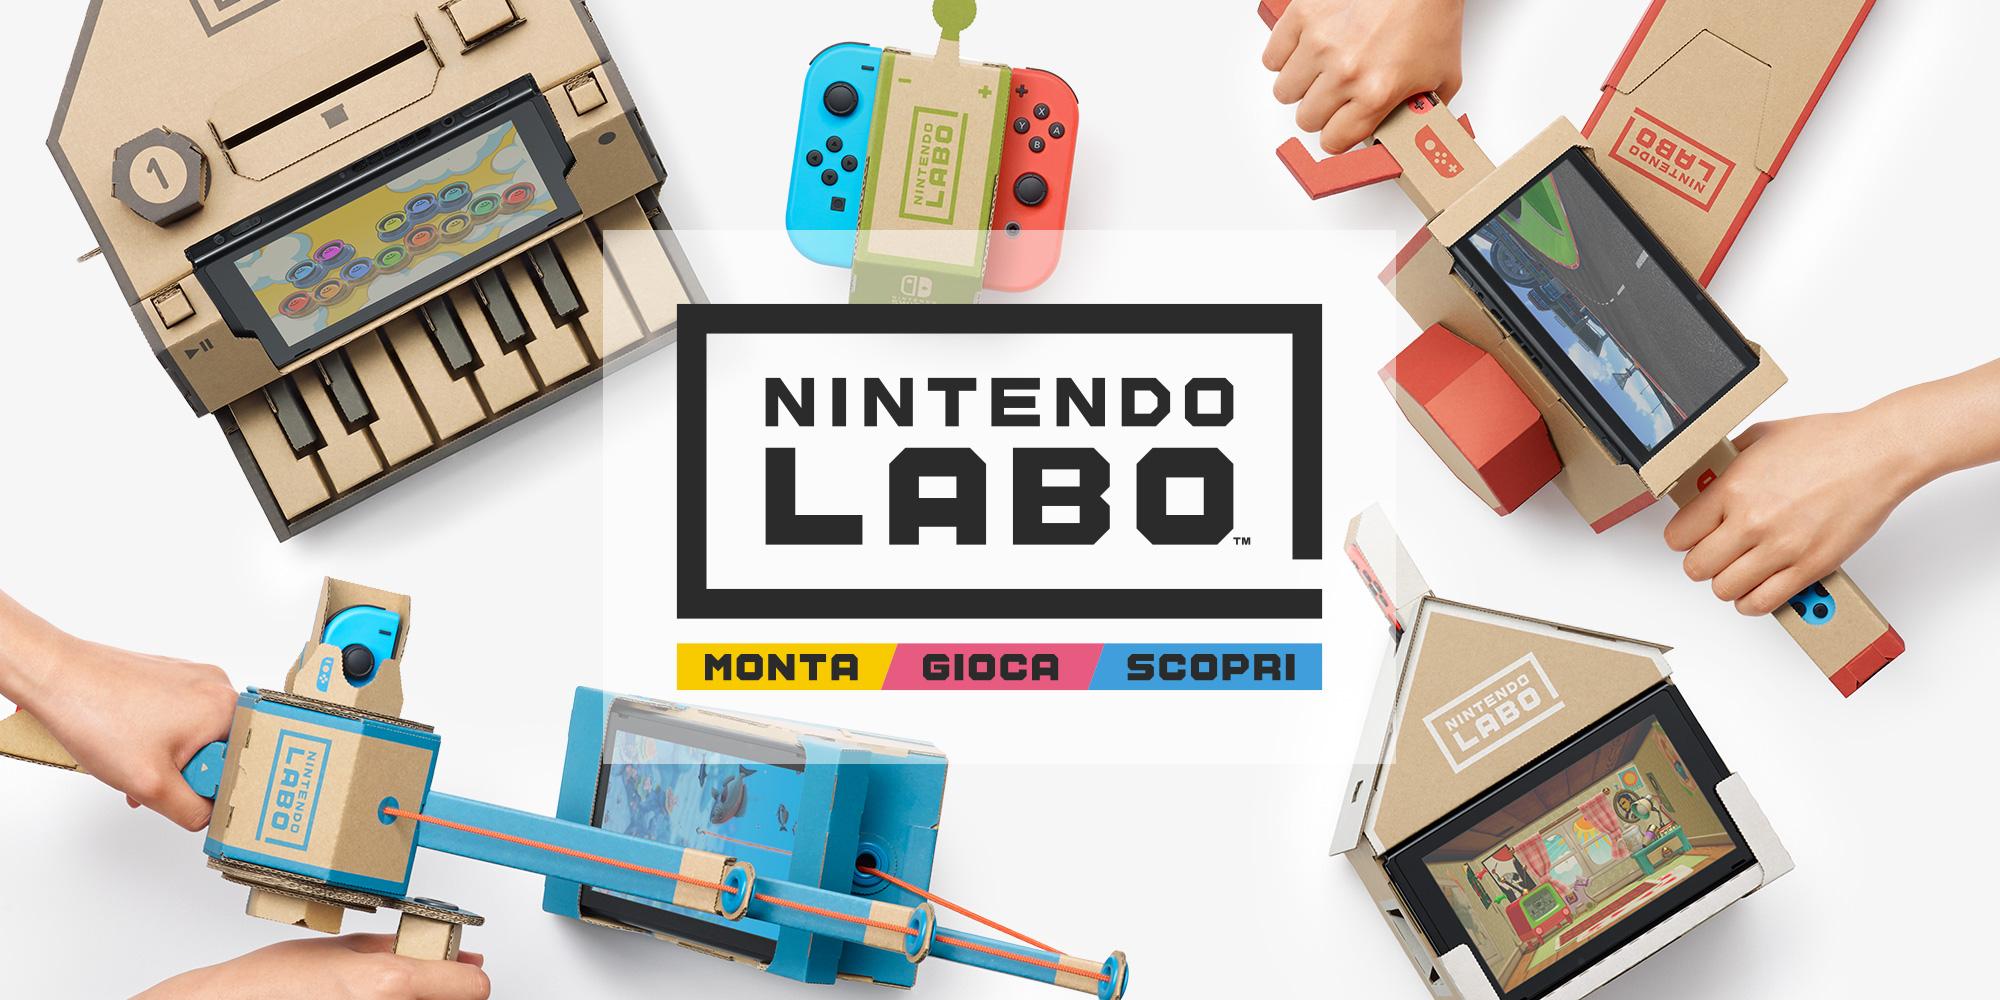 Nintendo Labo in tour in cinque musei italiani